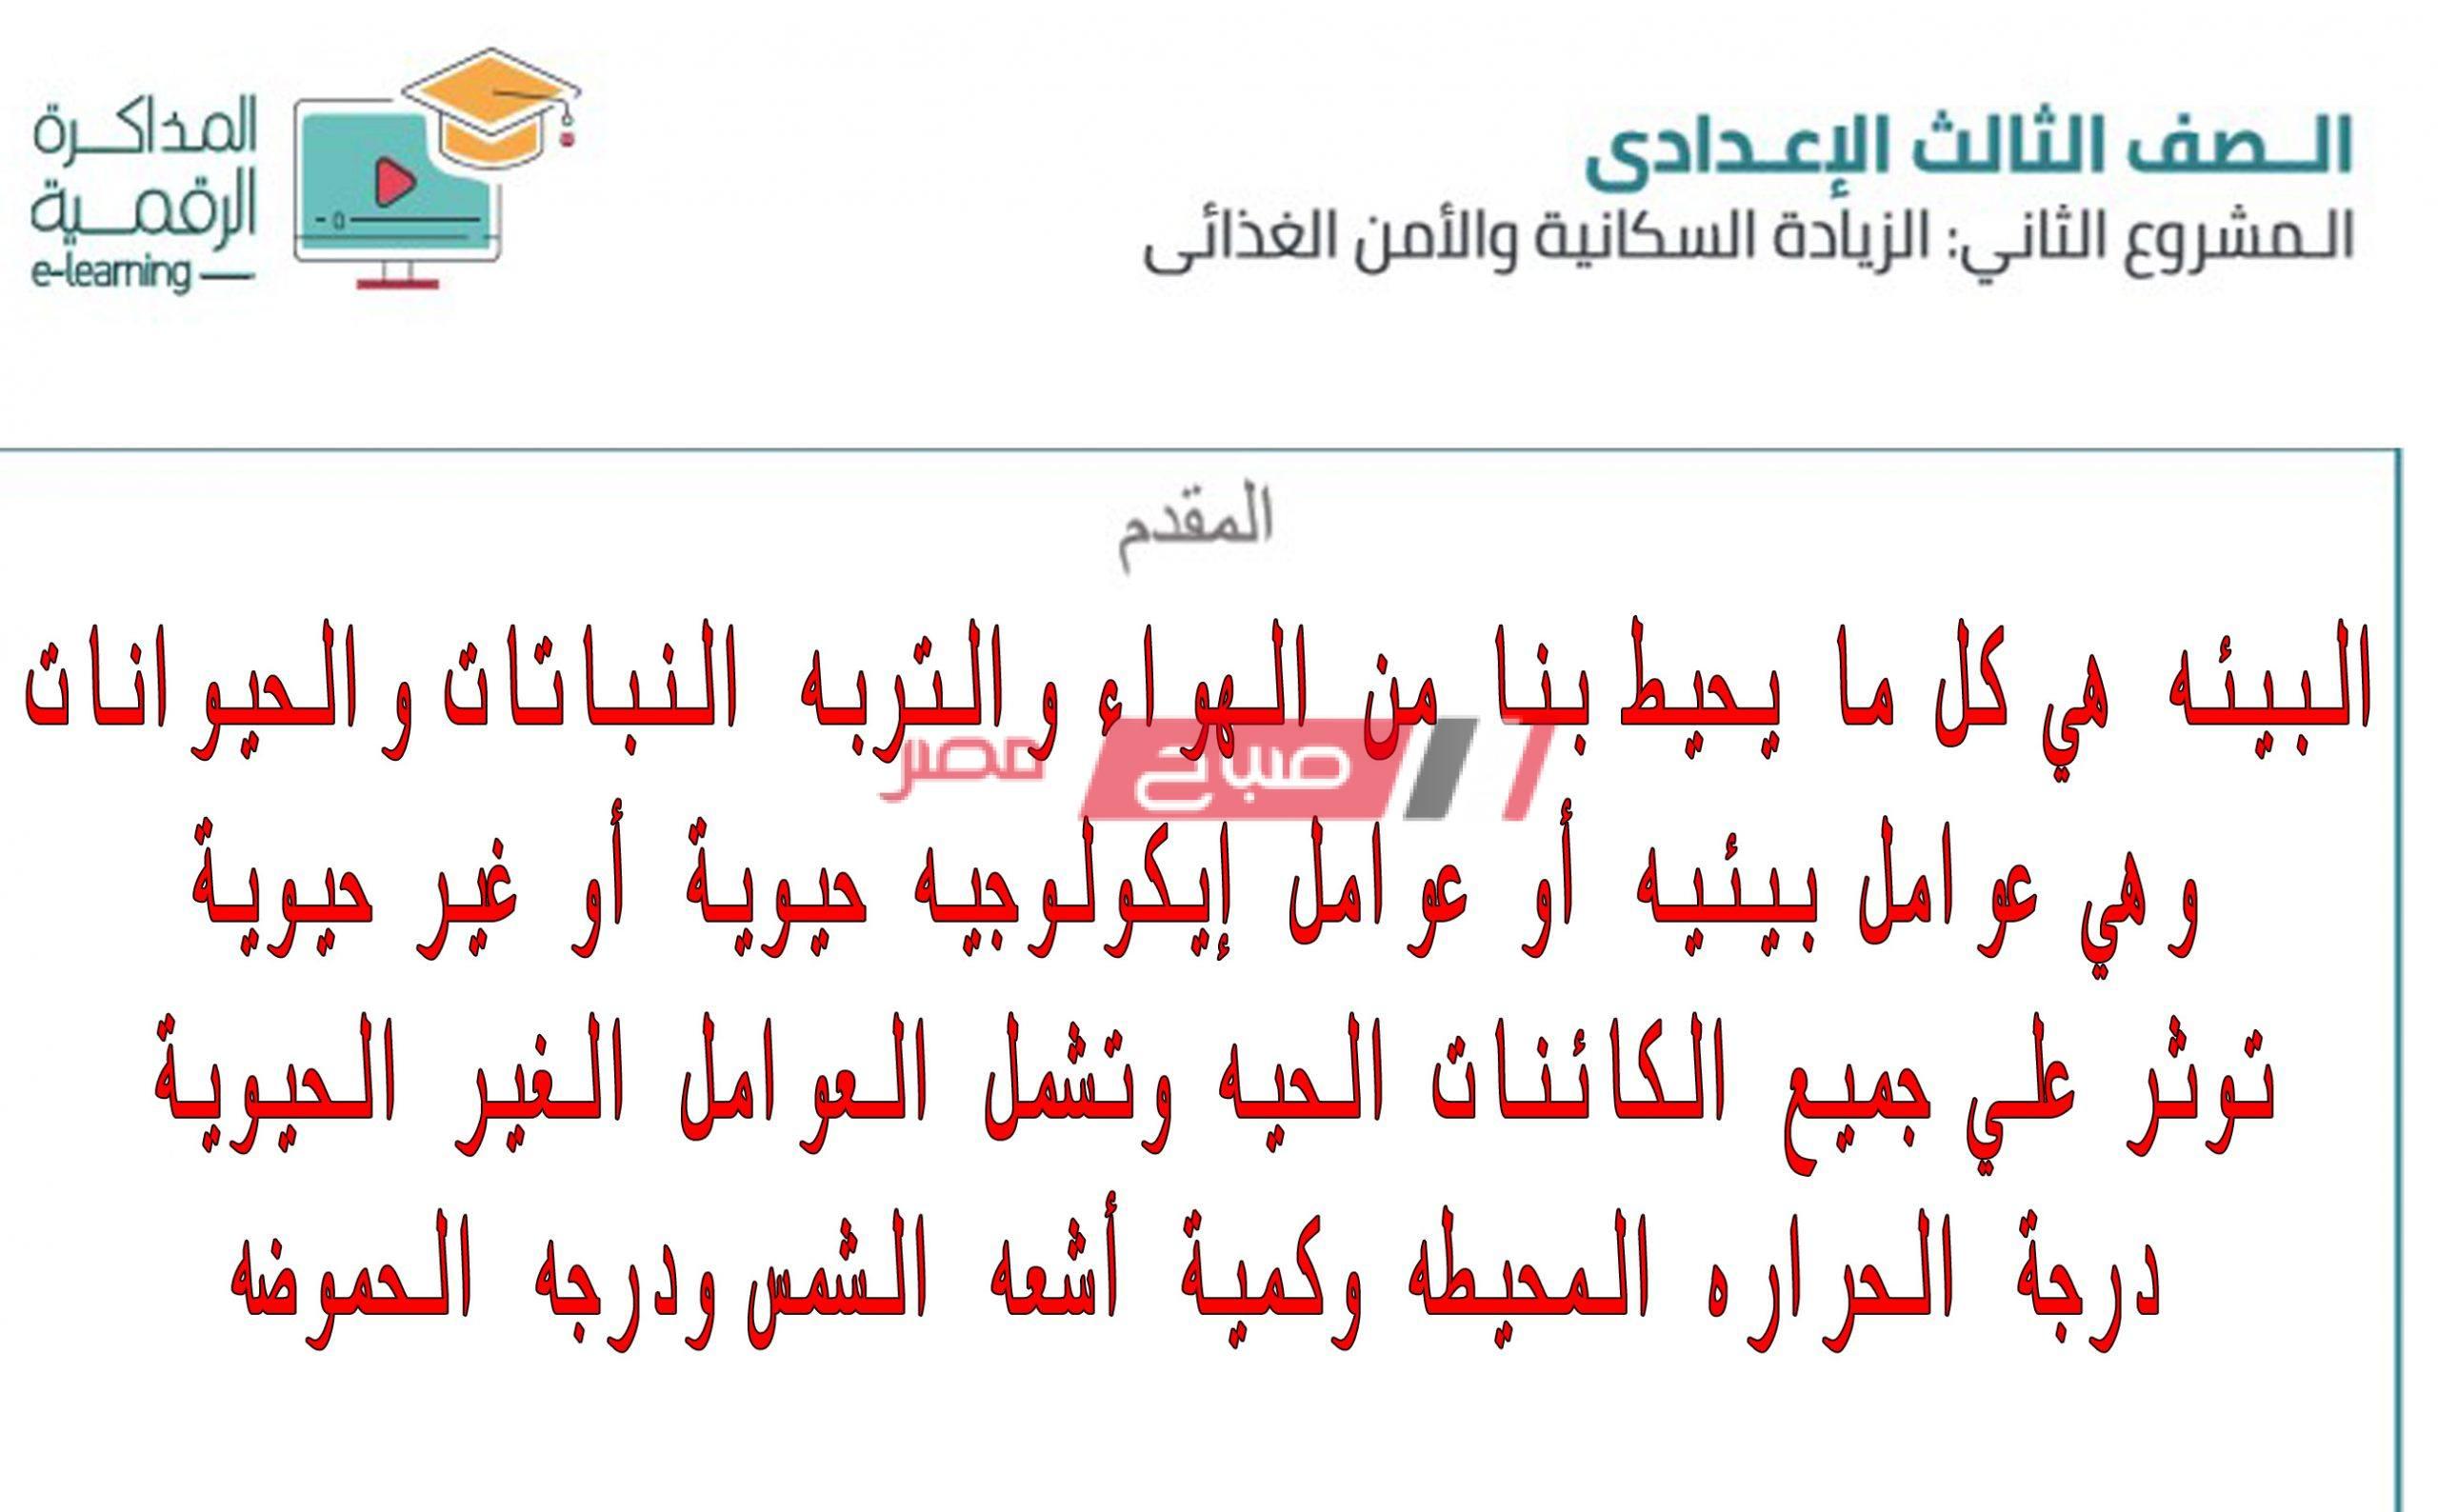 مقدمة بحث عن البيئة للصف الثالث الاعدادي 2020 وزارة التربية والتعليم صباح مصر